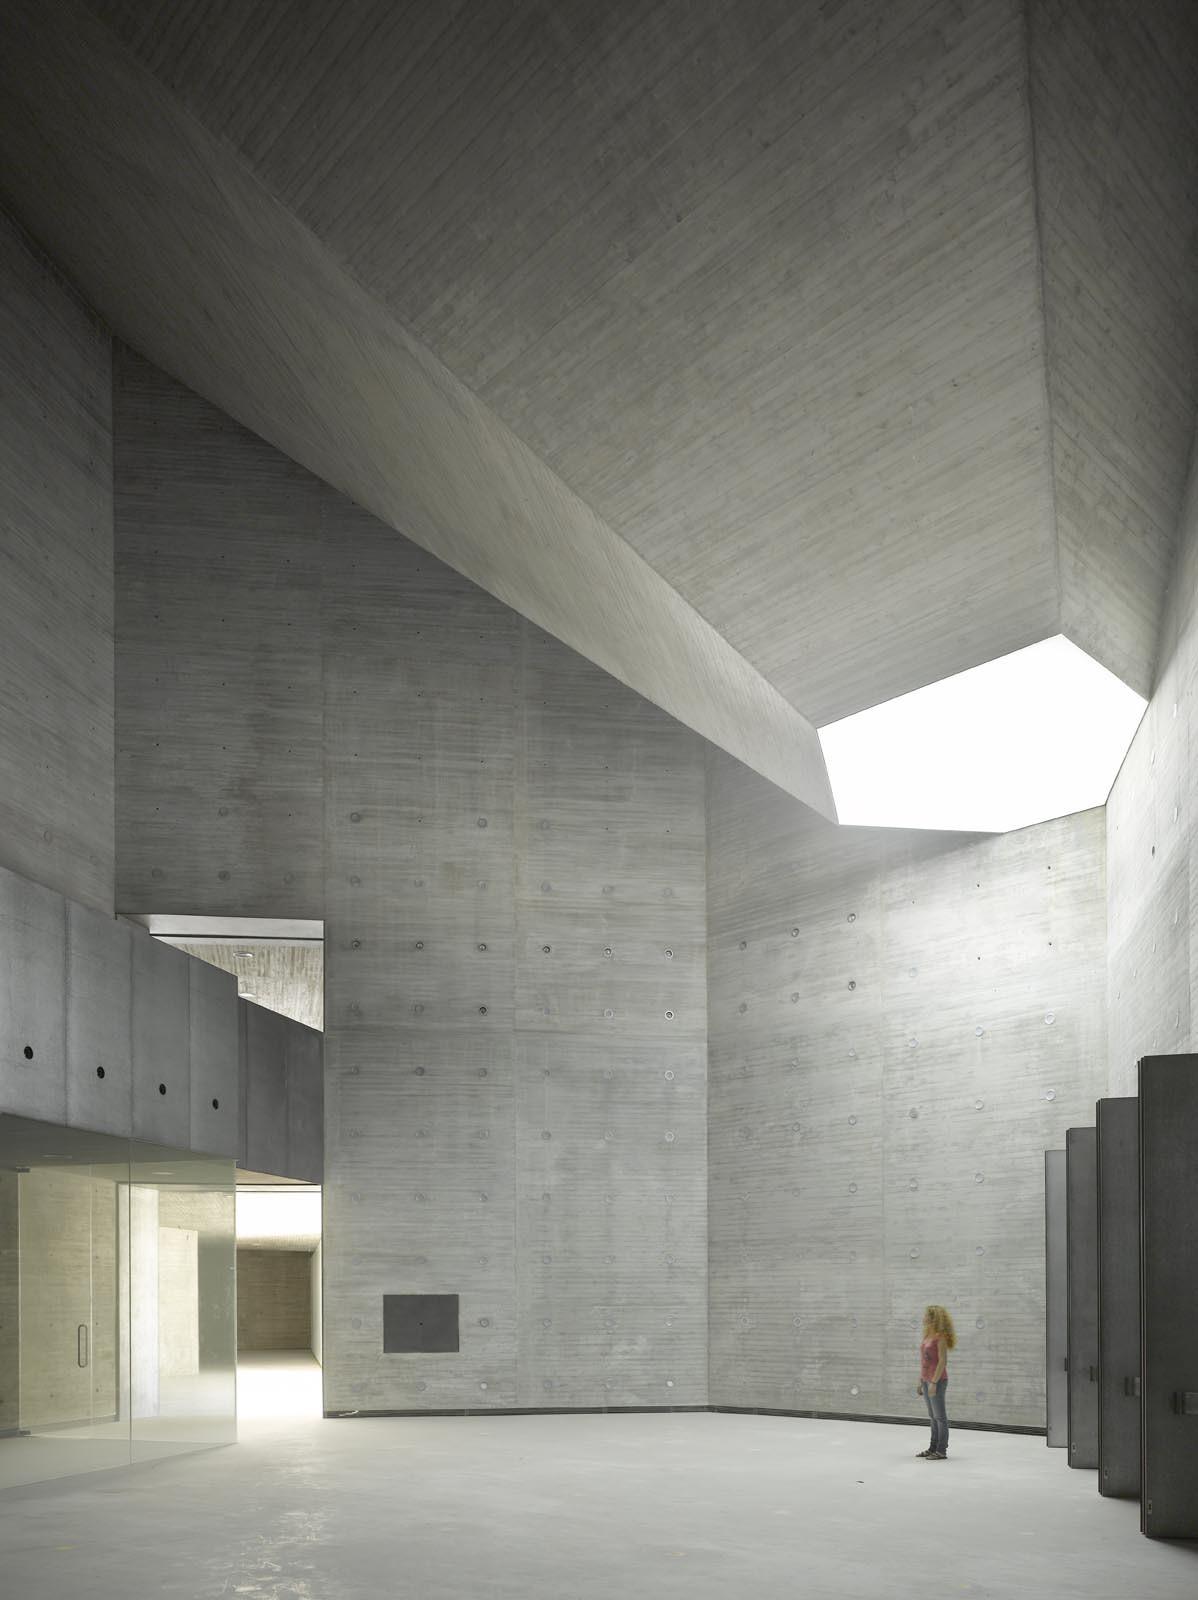 Galer a de espacio andaluz de creaci n contempor nea for Art minimal architecture